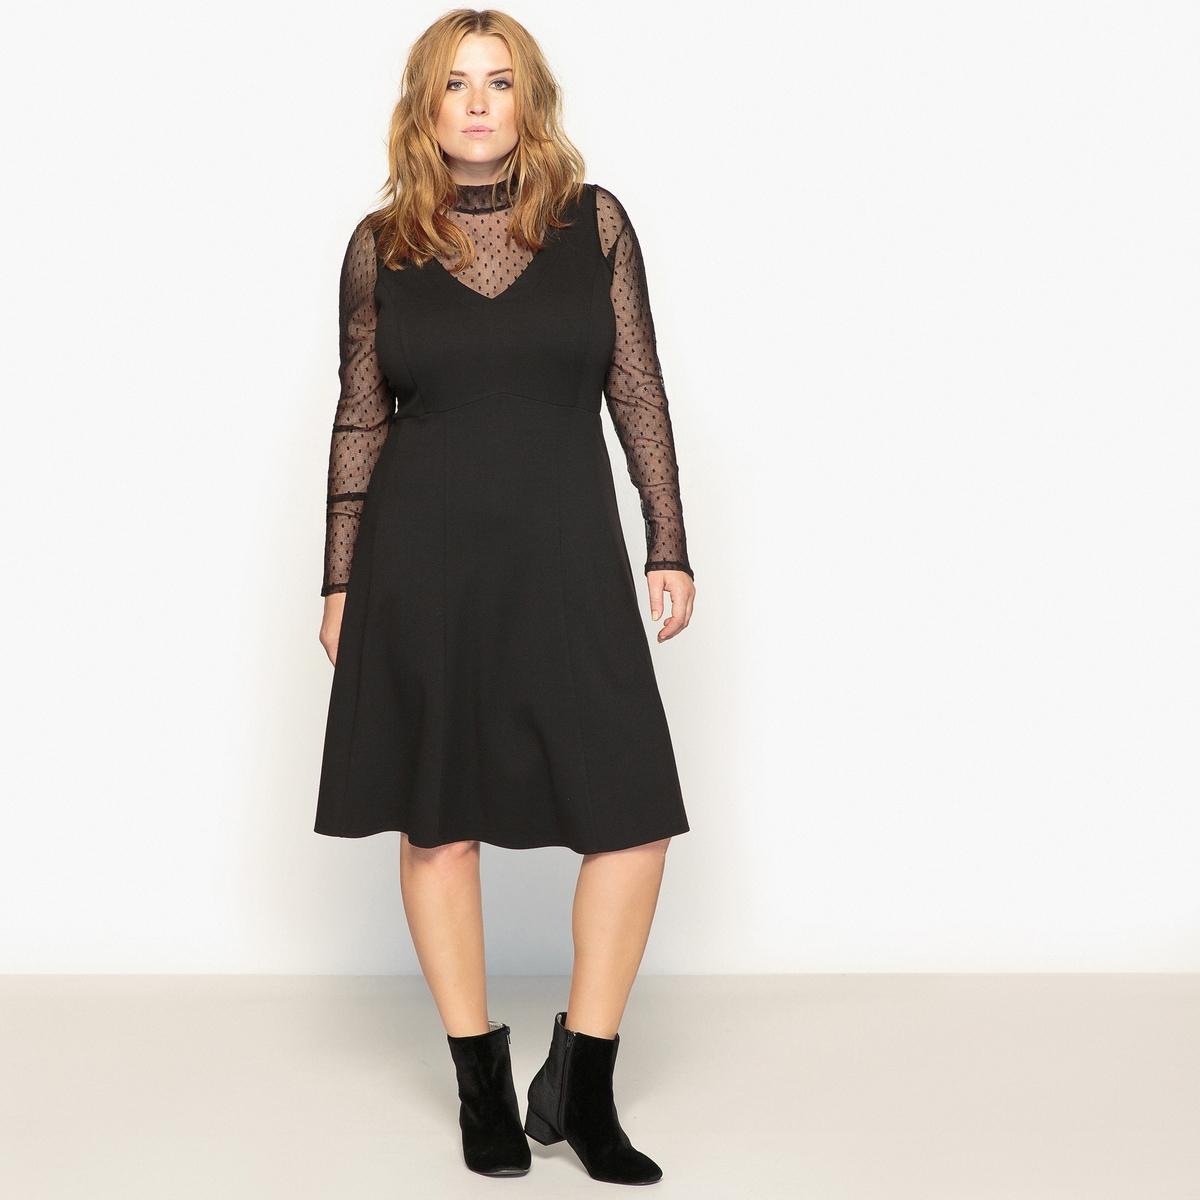 Платье однотонное средней длины, расширяющееся книзуОписание:Невозможно устоять перед этим платьем из двух материалов (плотного трикотажа и тюля с вышивкой гладью) с длинными рукавами. Идеально для вечерних выходов в свет. Детали •  Форма : расклешенная •  Длина до колен •  Длинные рукава    •  Воротник-стойкаСостав и уход •  20% вискозы, 5% эластана, 75% полиэстера  •  Температура стирки при 30° на деликатном режиме  •  Сухая чистка и отбеливание запрещены •  Не использовать барабанную сушку  •  Низкая температура глажки Товар из коллекции больших размеров •  Длина : 104 см<br><br>Цвет: черный<br>Размер: 42 (FR) - 48 (RUS)